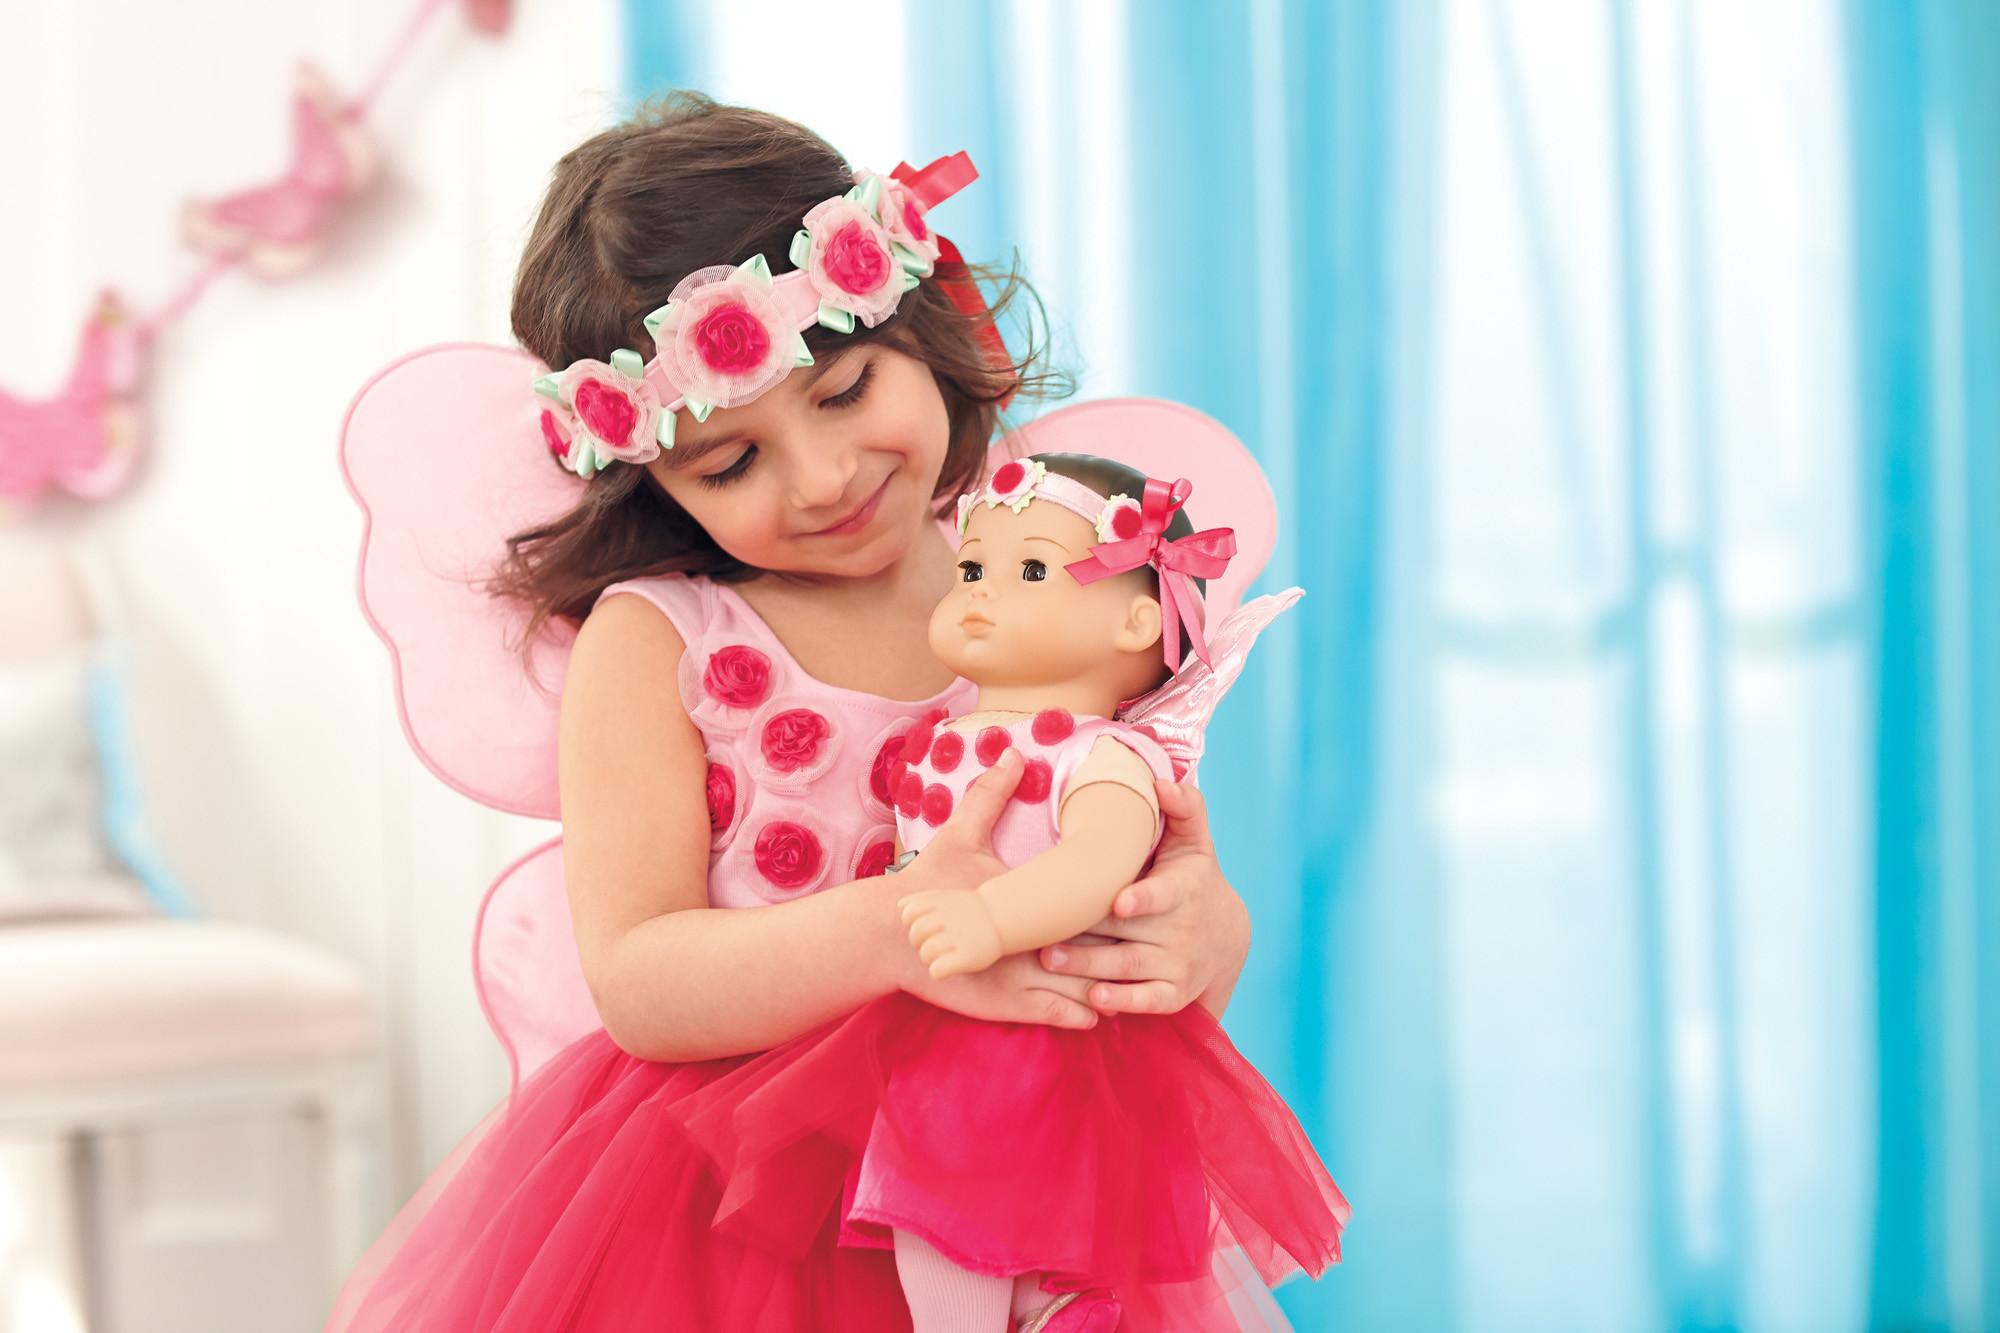 Dolls HD Wallpapers Best Dolls HD Wallpapers Wide High | HD Wallpapers |  Pinterest | Hd wallpaper and Wallpaper